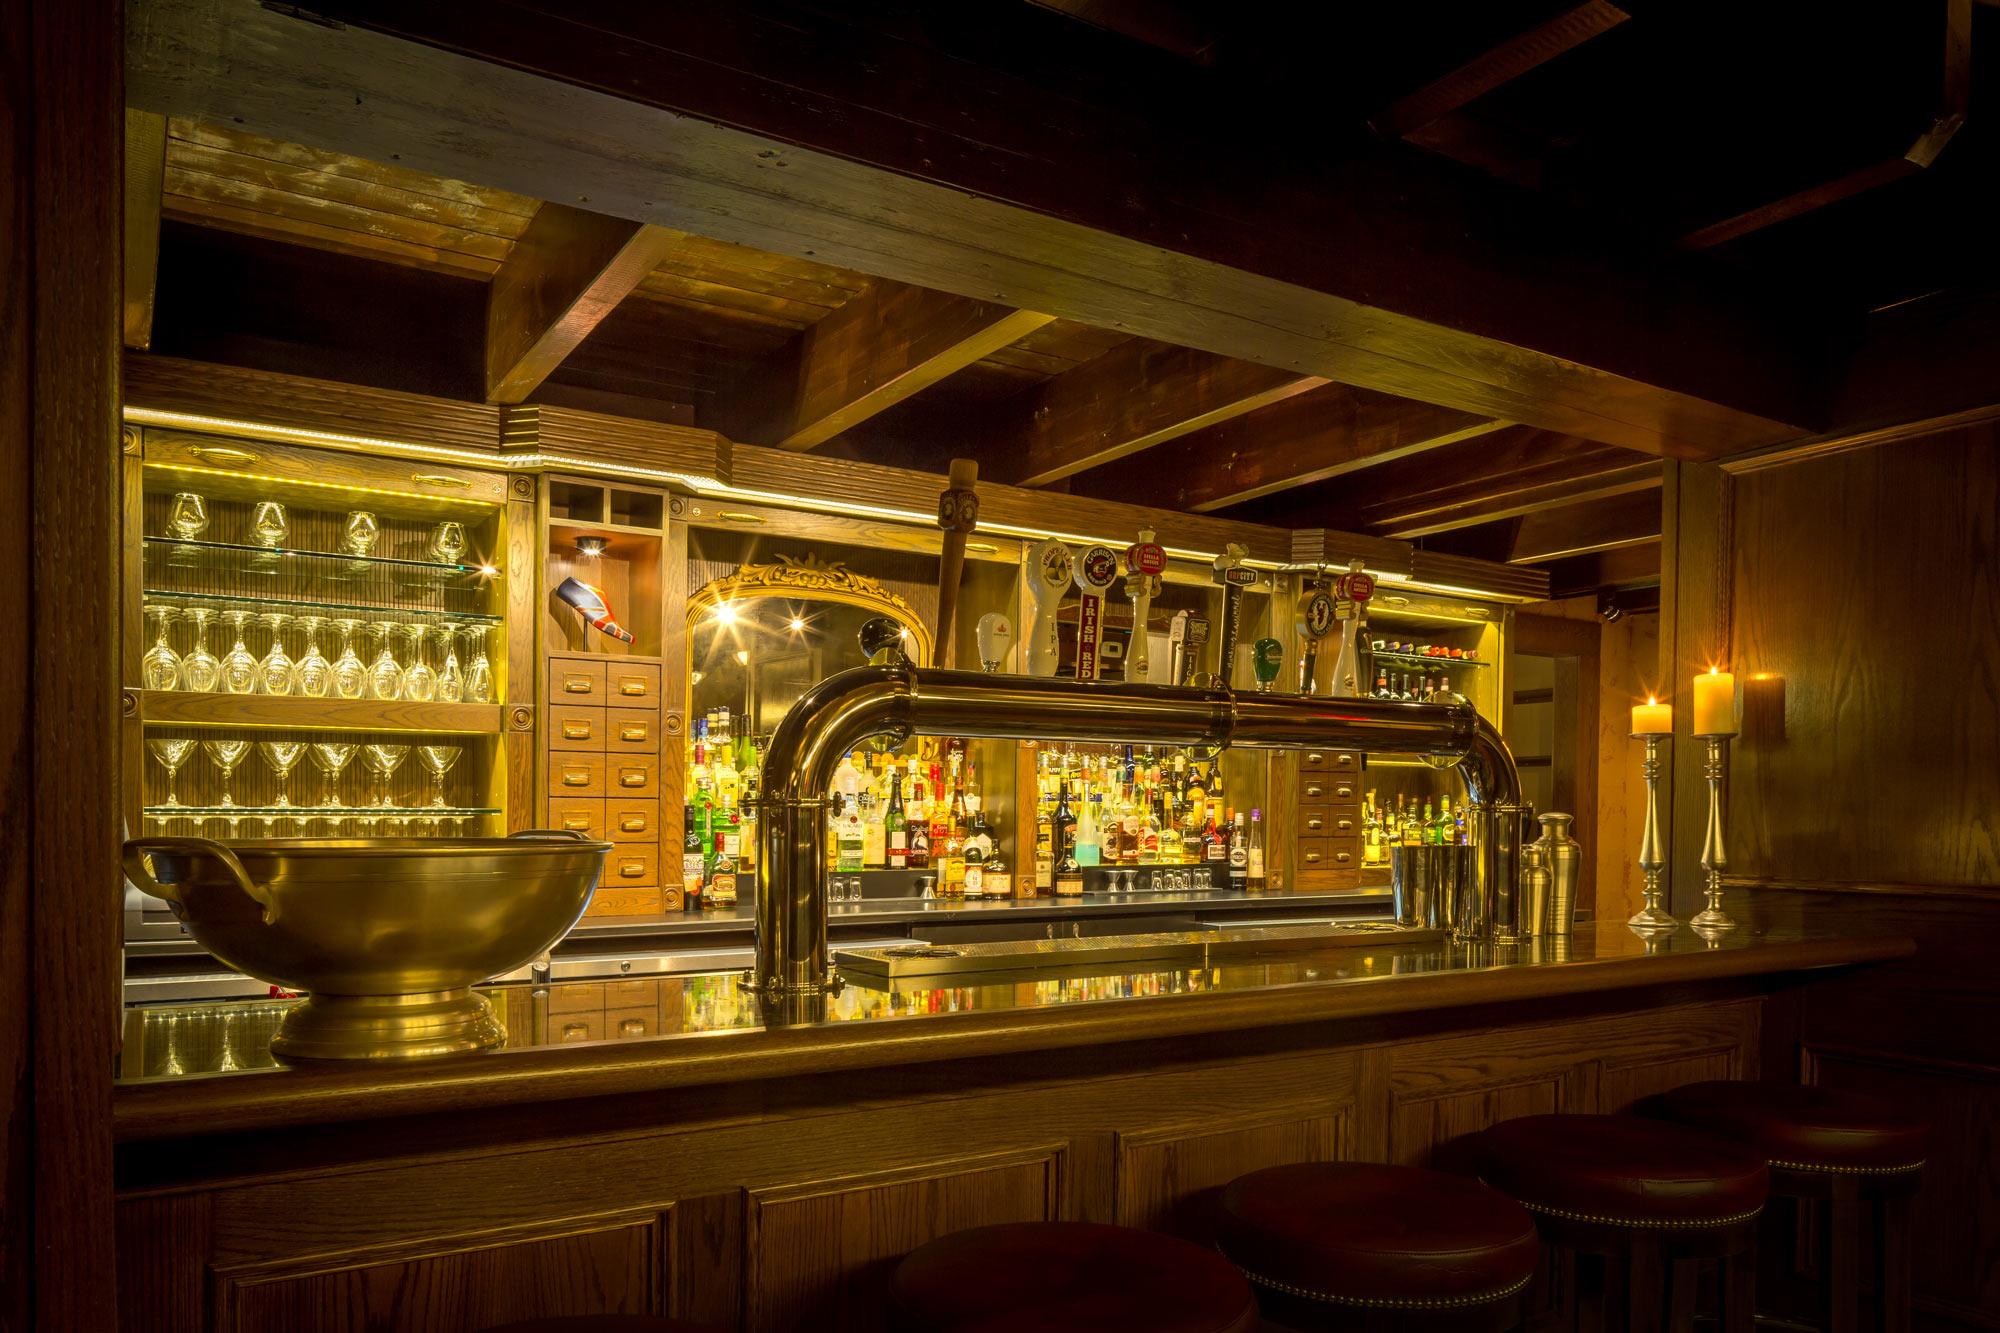 interior-design-restaurant-halifax-british-theme-bar.jpg